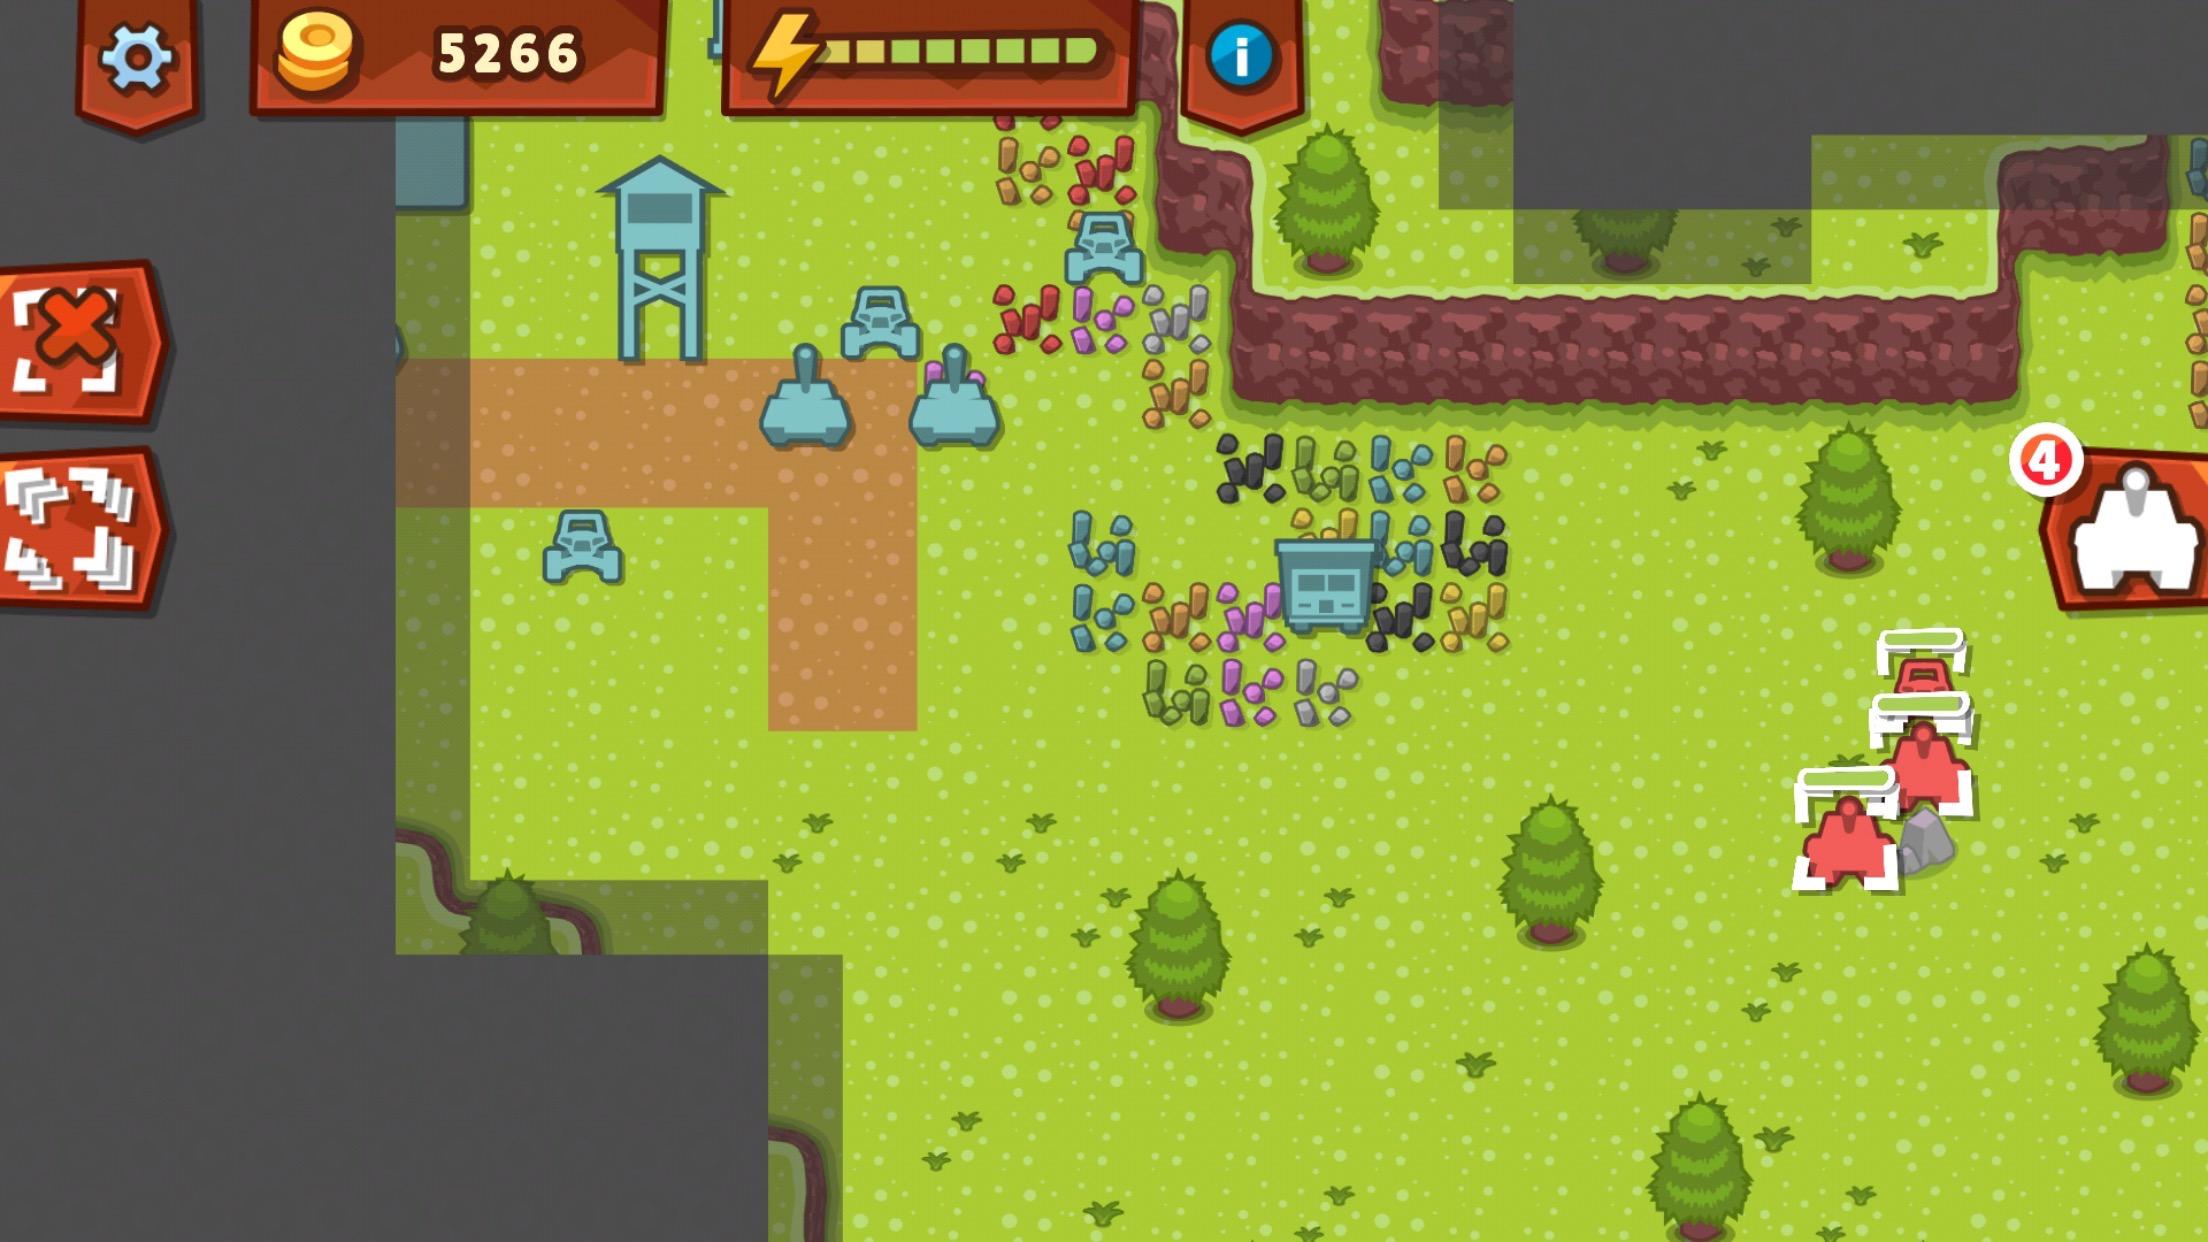 jeu.info- Jeu Warlords RTS iPad. Une seule solution pour découvrir le jeu Warlords RTS iPad , un de nos meilleurs Jeux de Stratégie iPad, lis le texte suivant ou regarde la vidéo qui présente le jeu !!!. Conçu par le studio Armor Games, Warlords RTS est un jeu de stratégie en temps réel qui est sorti sur iPhone durant l'été 2013.